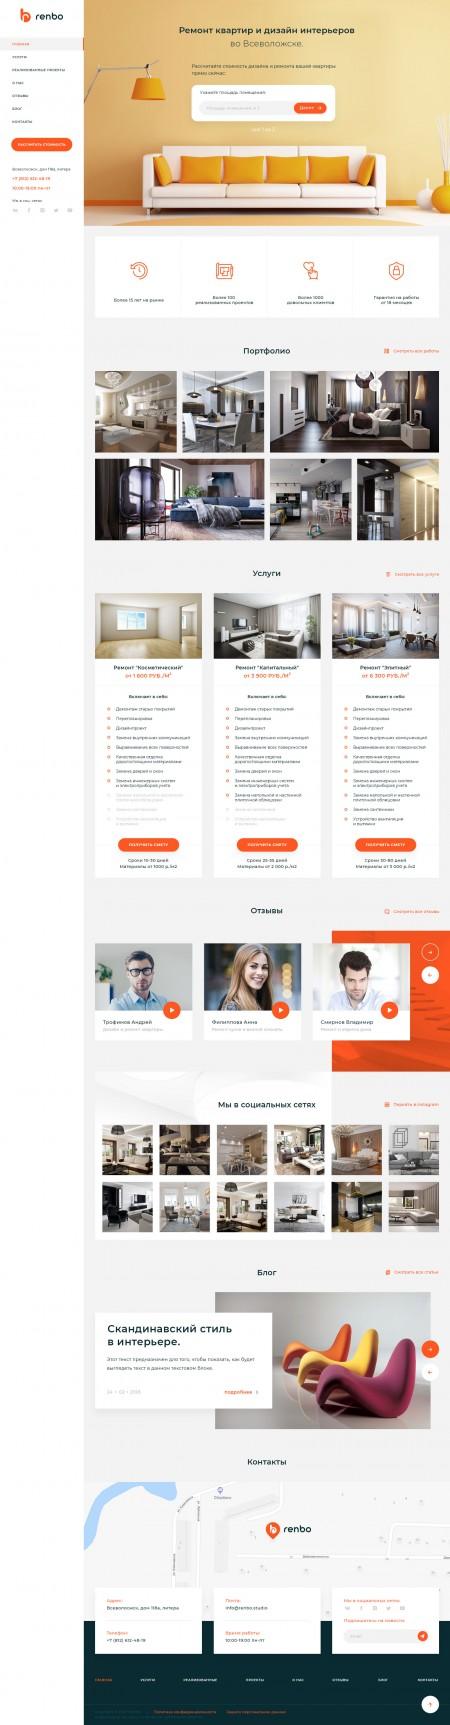 Renbo web